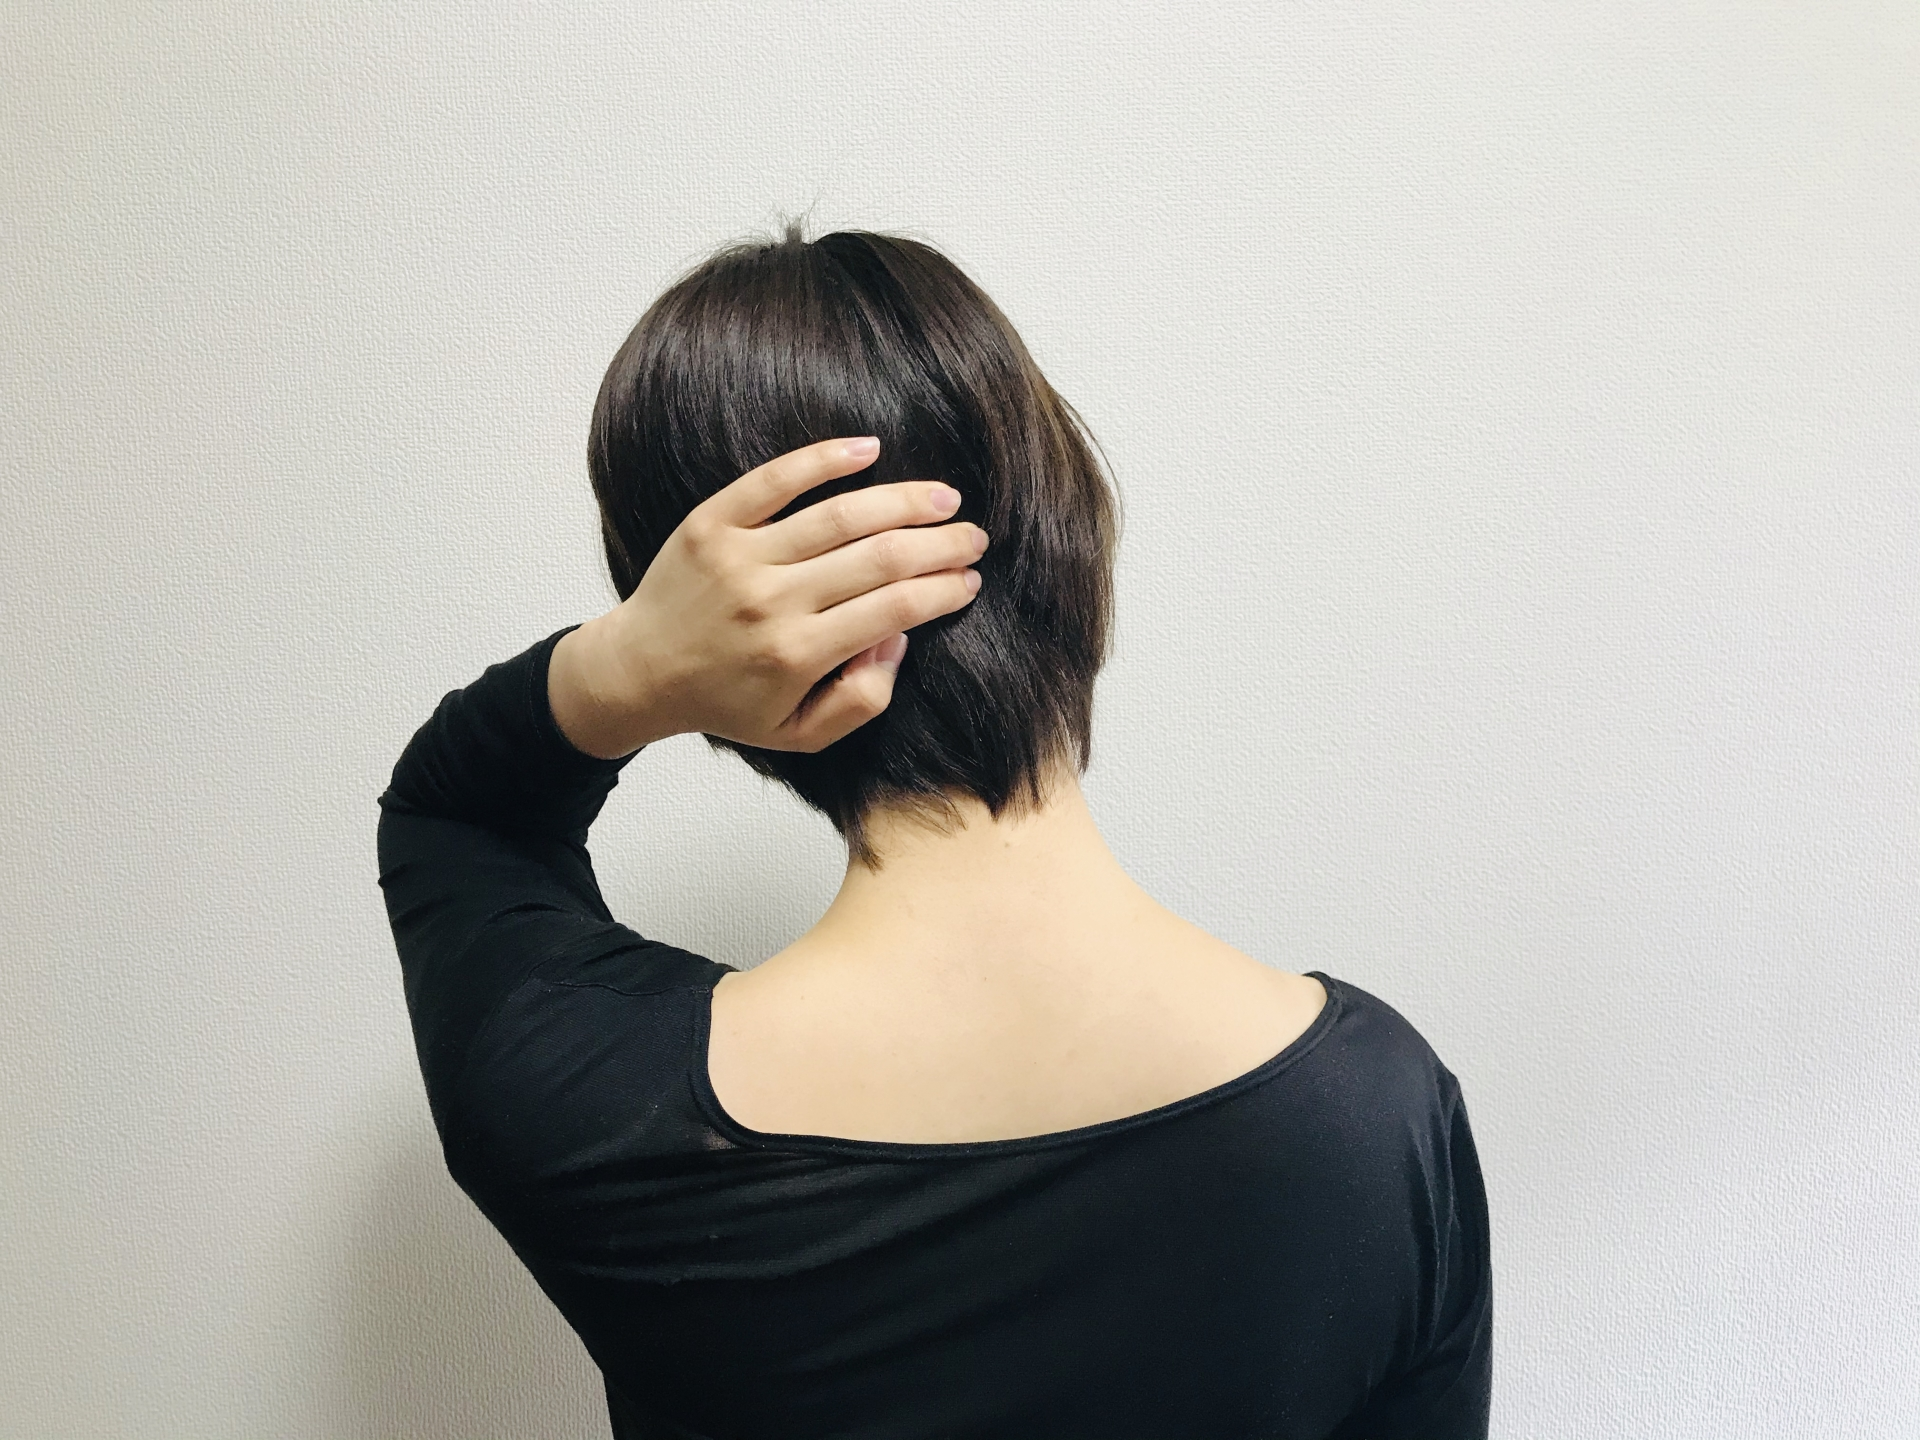 片頭痛30代女性